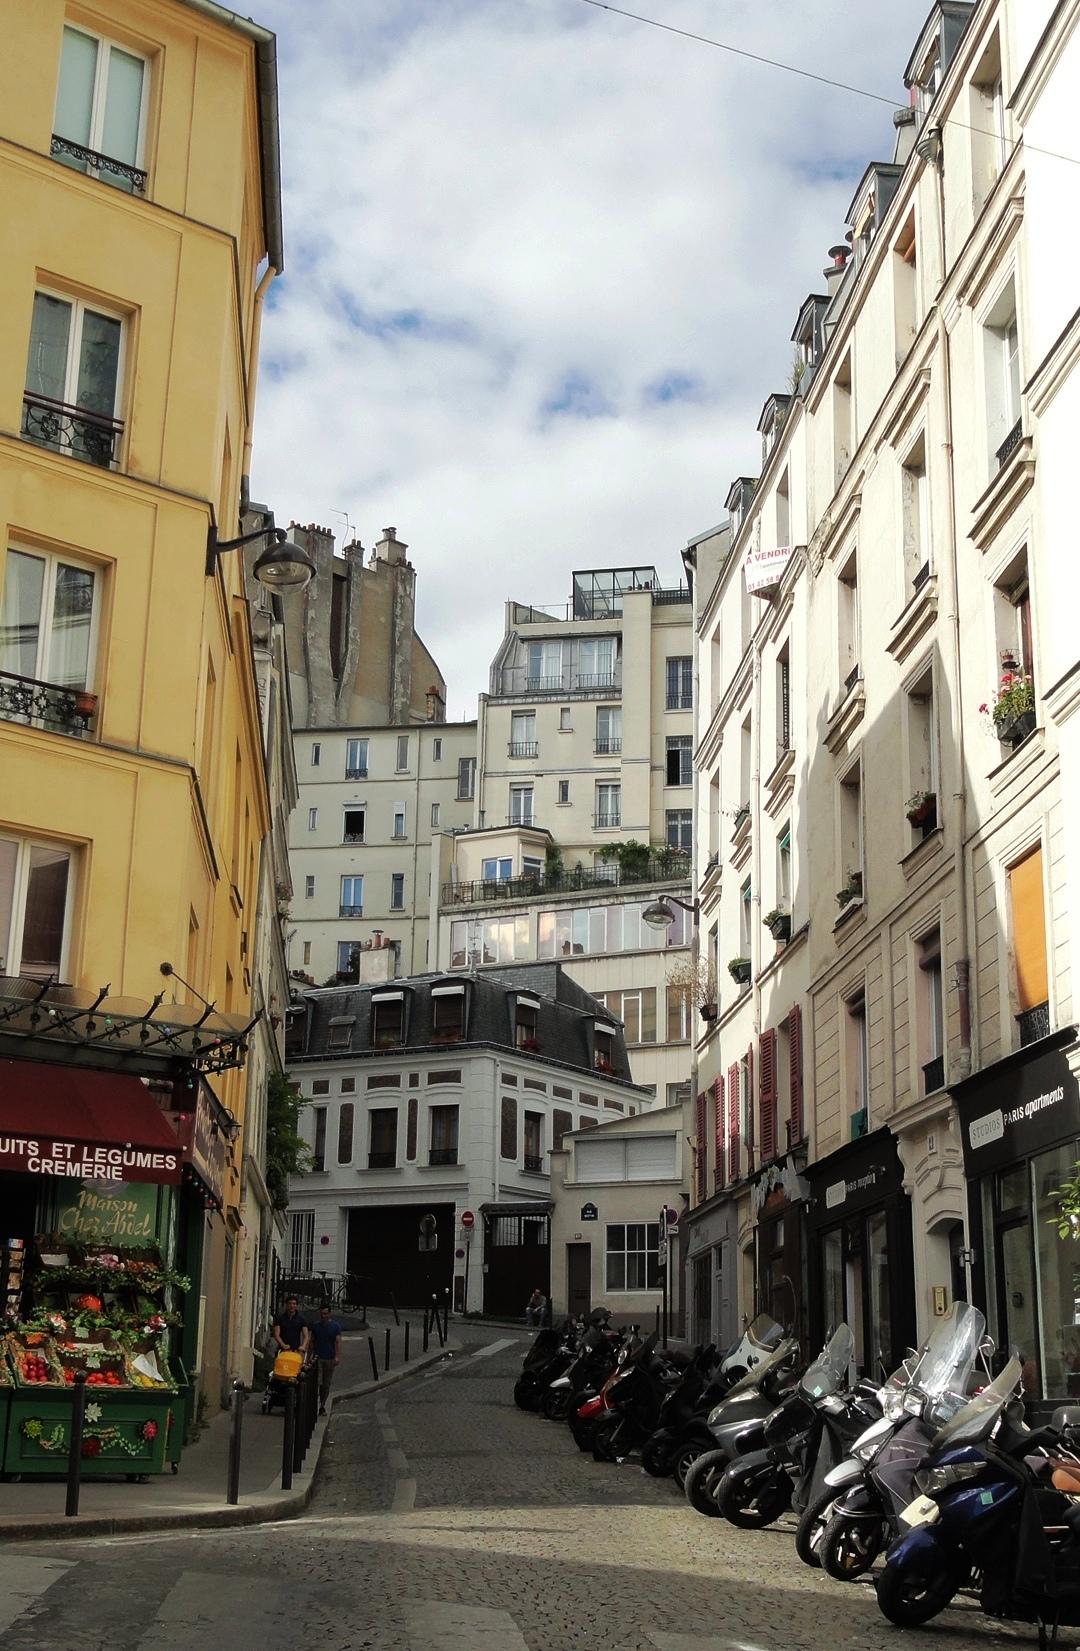 Balade dans Montmartre et les Abbesses  - Rue Androuet / Rue des Trois Frères